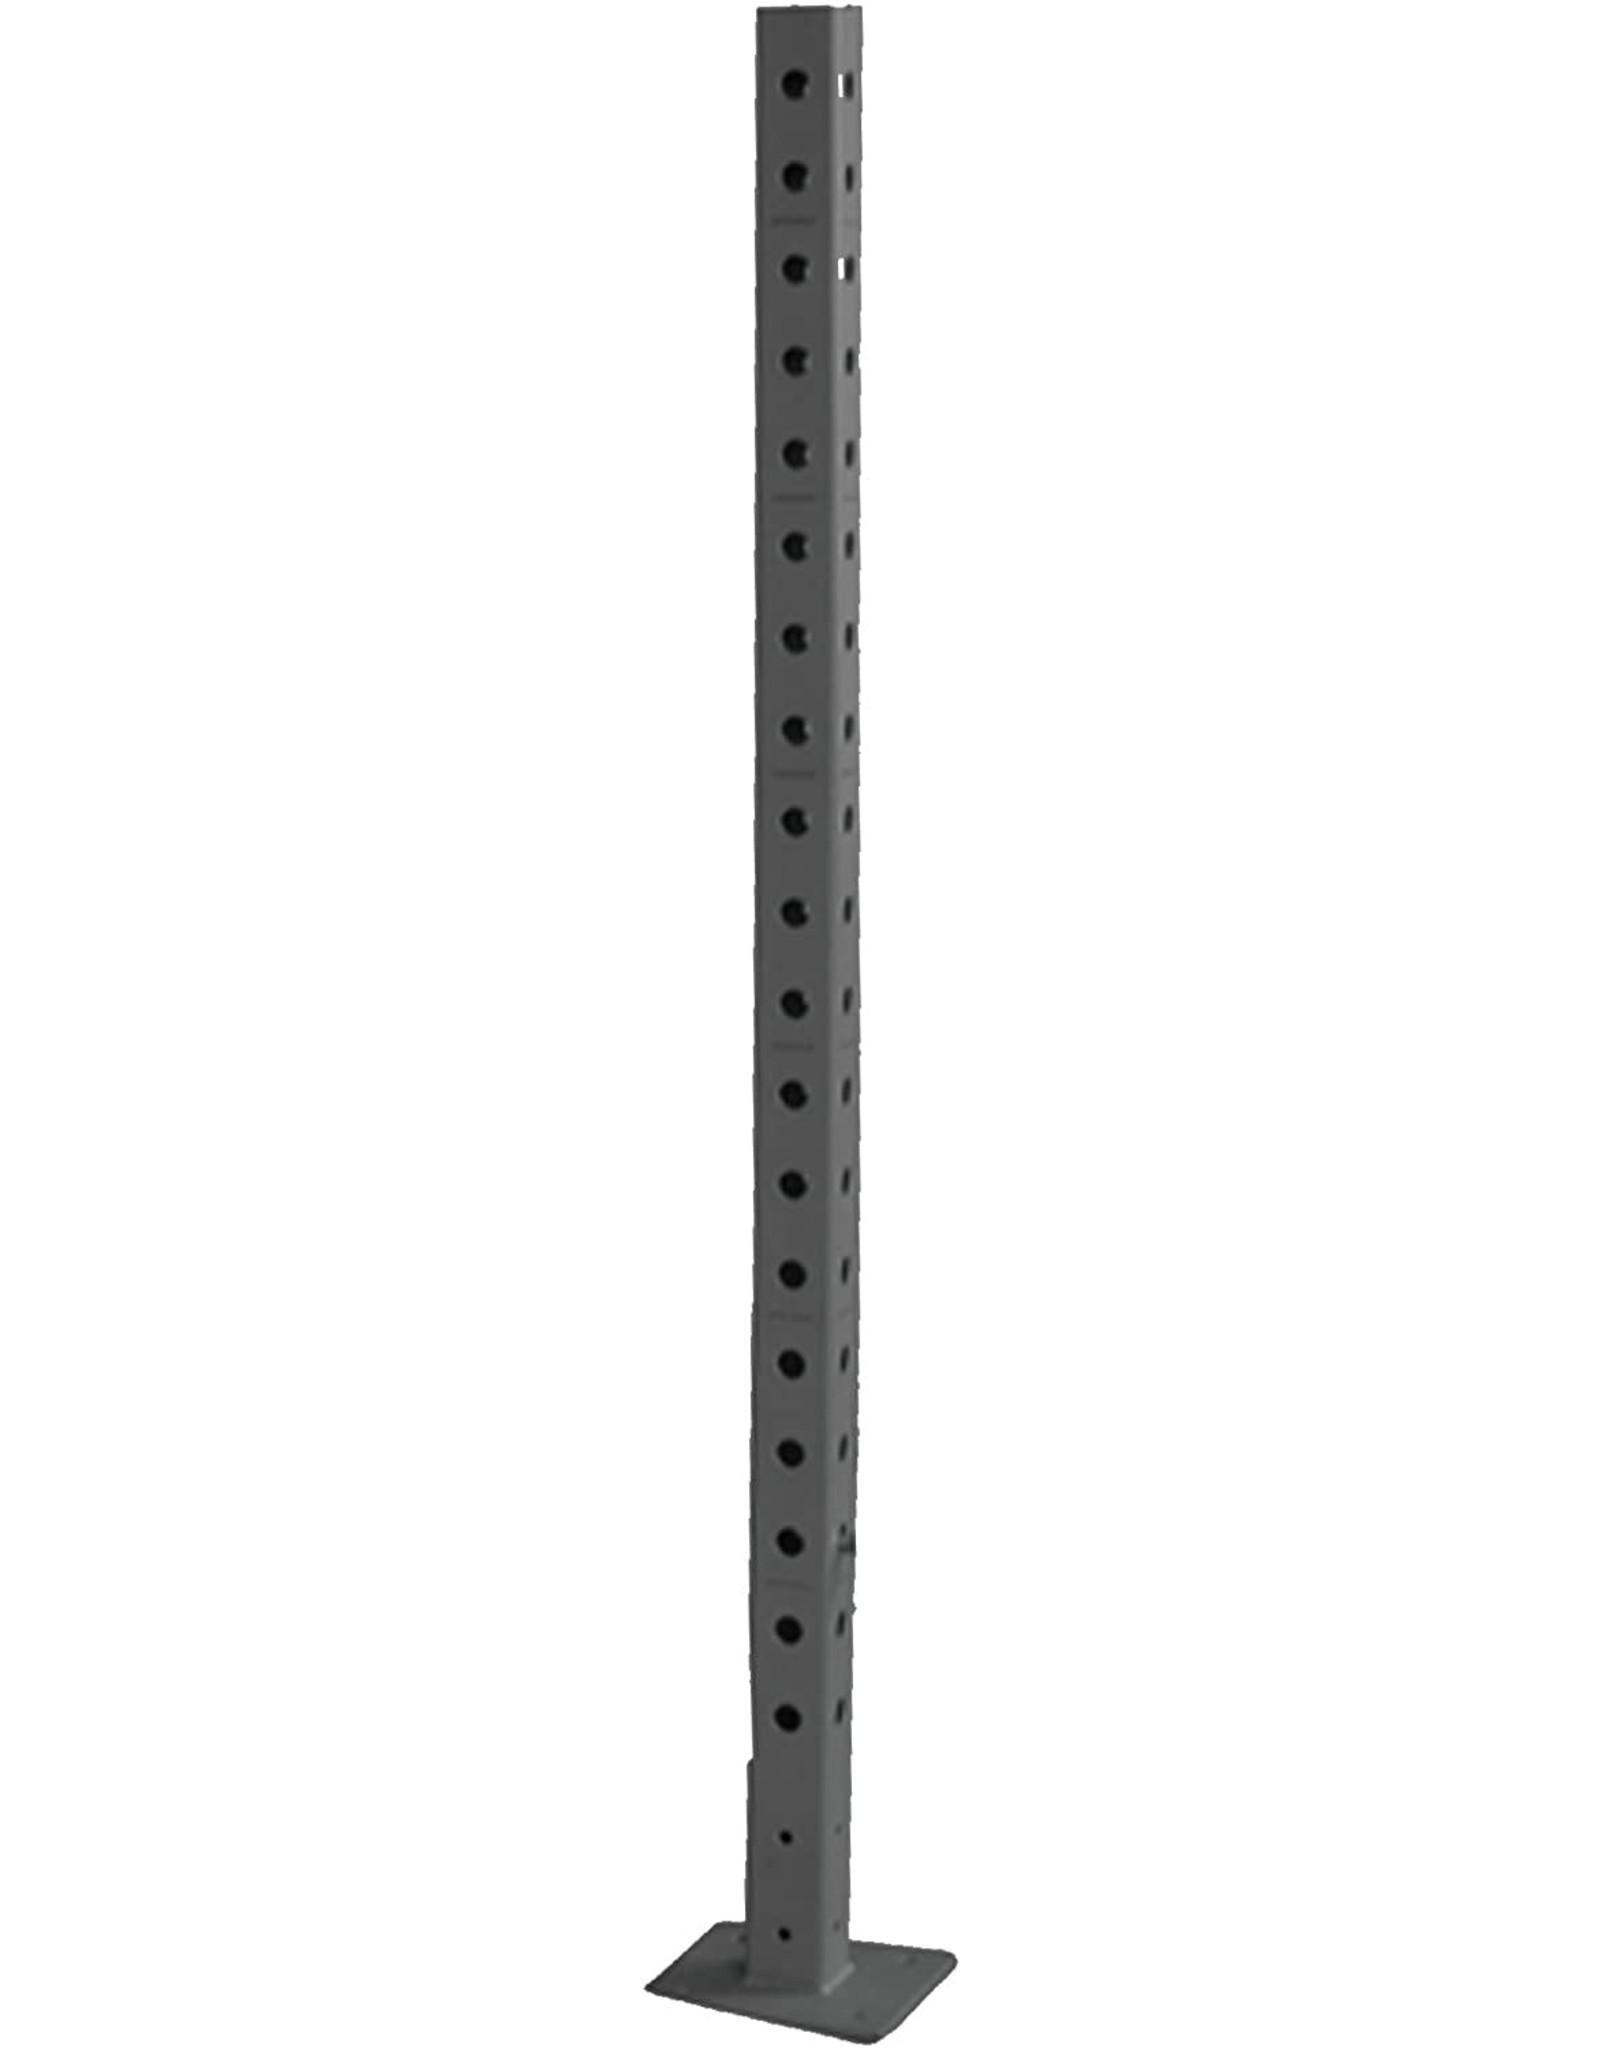 j/fit j/fit Steel Upright Bar, 12-Feet, Black